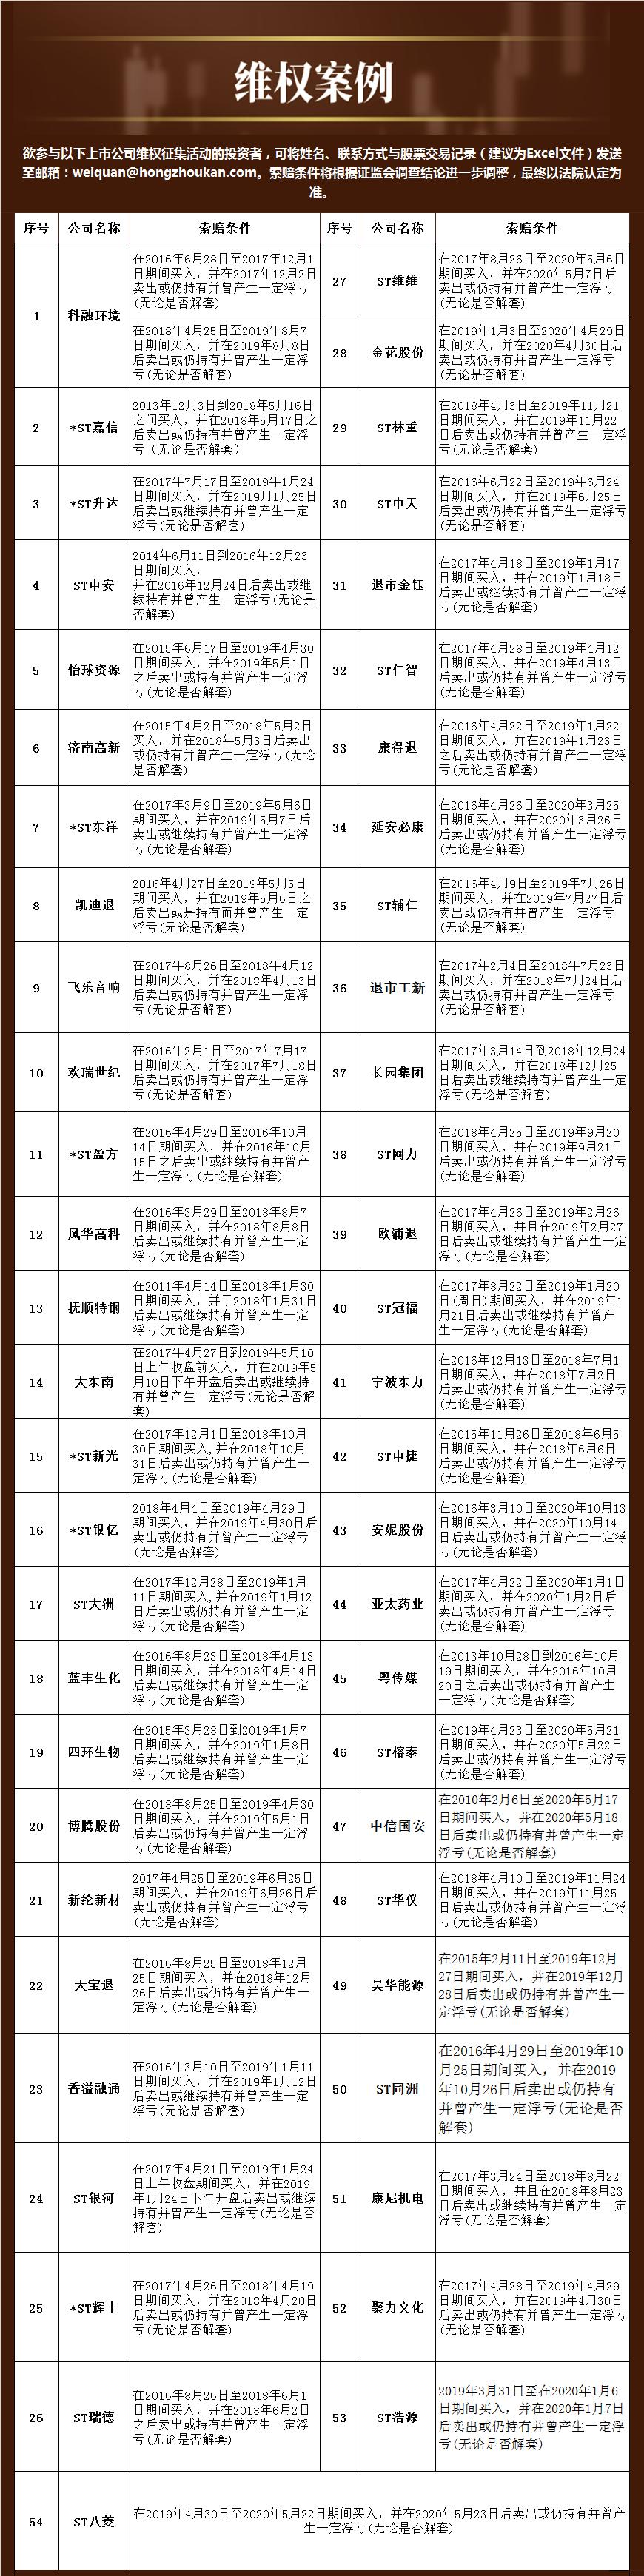 民间维权 | 延安必康说明投资者诉讼事项进展情况